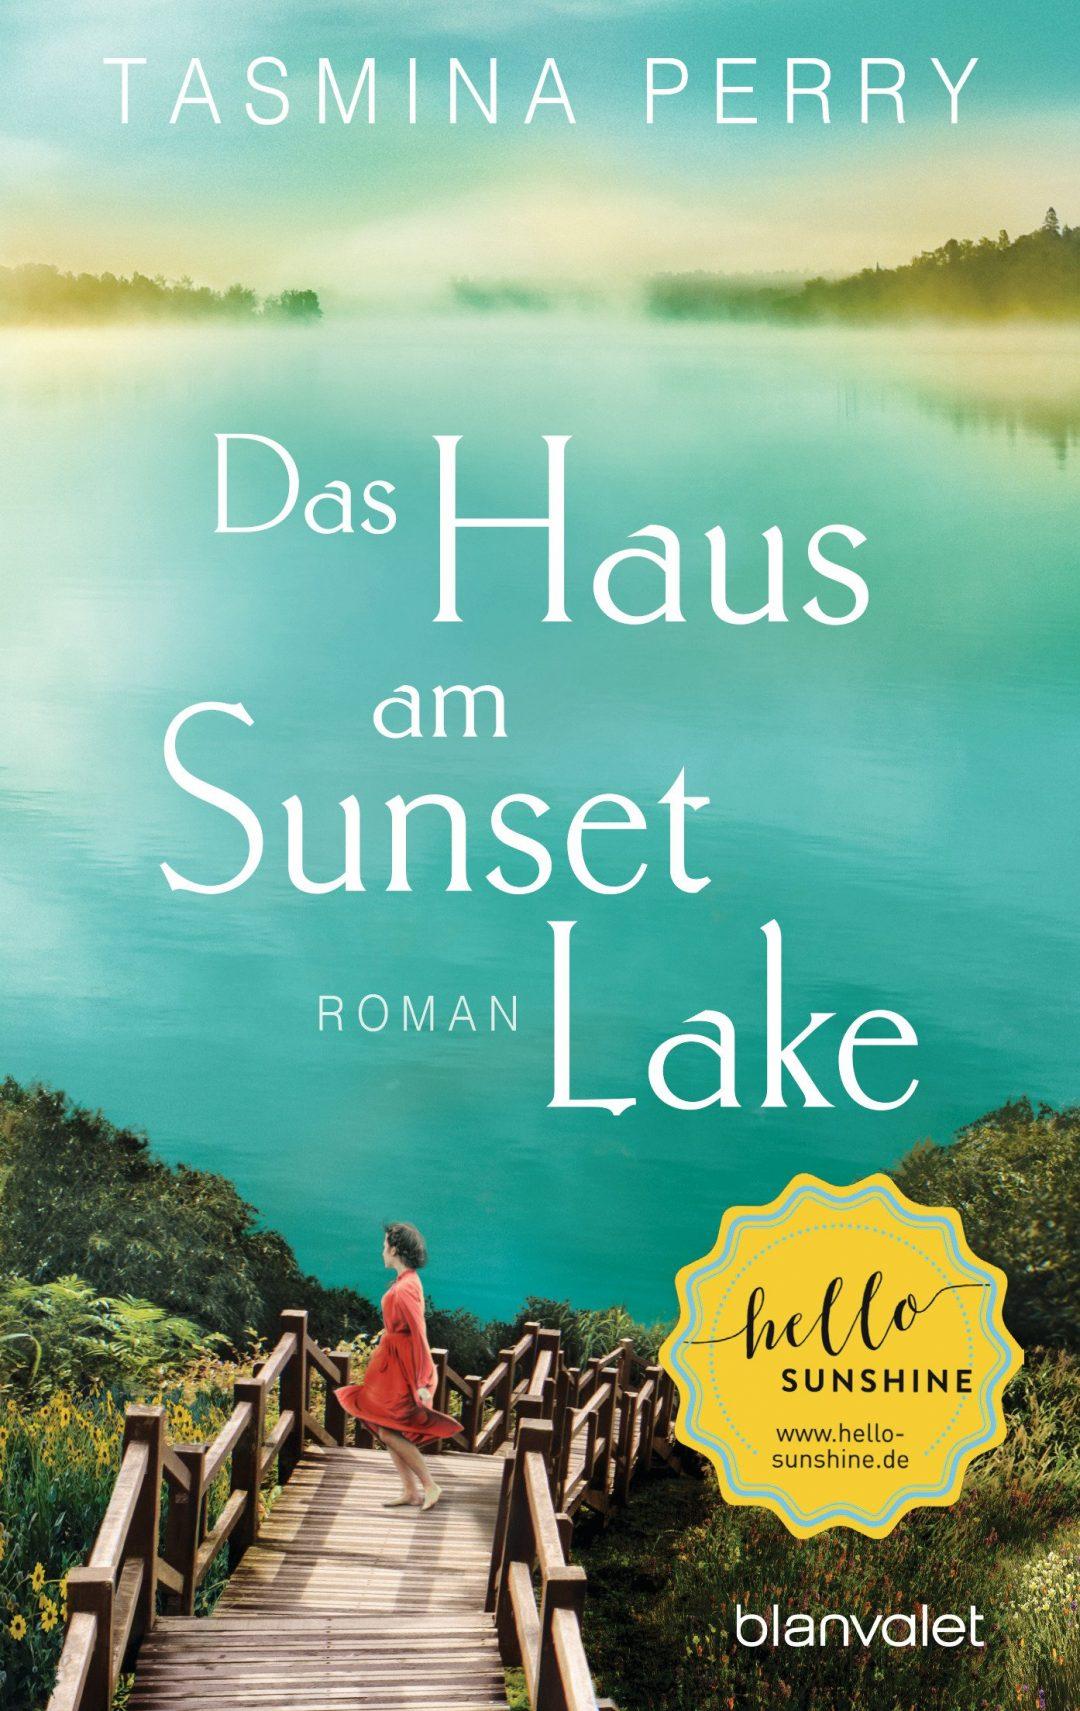 Das Haus am Sunset Lake. Liebesroman von Tasmina Perry